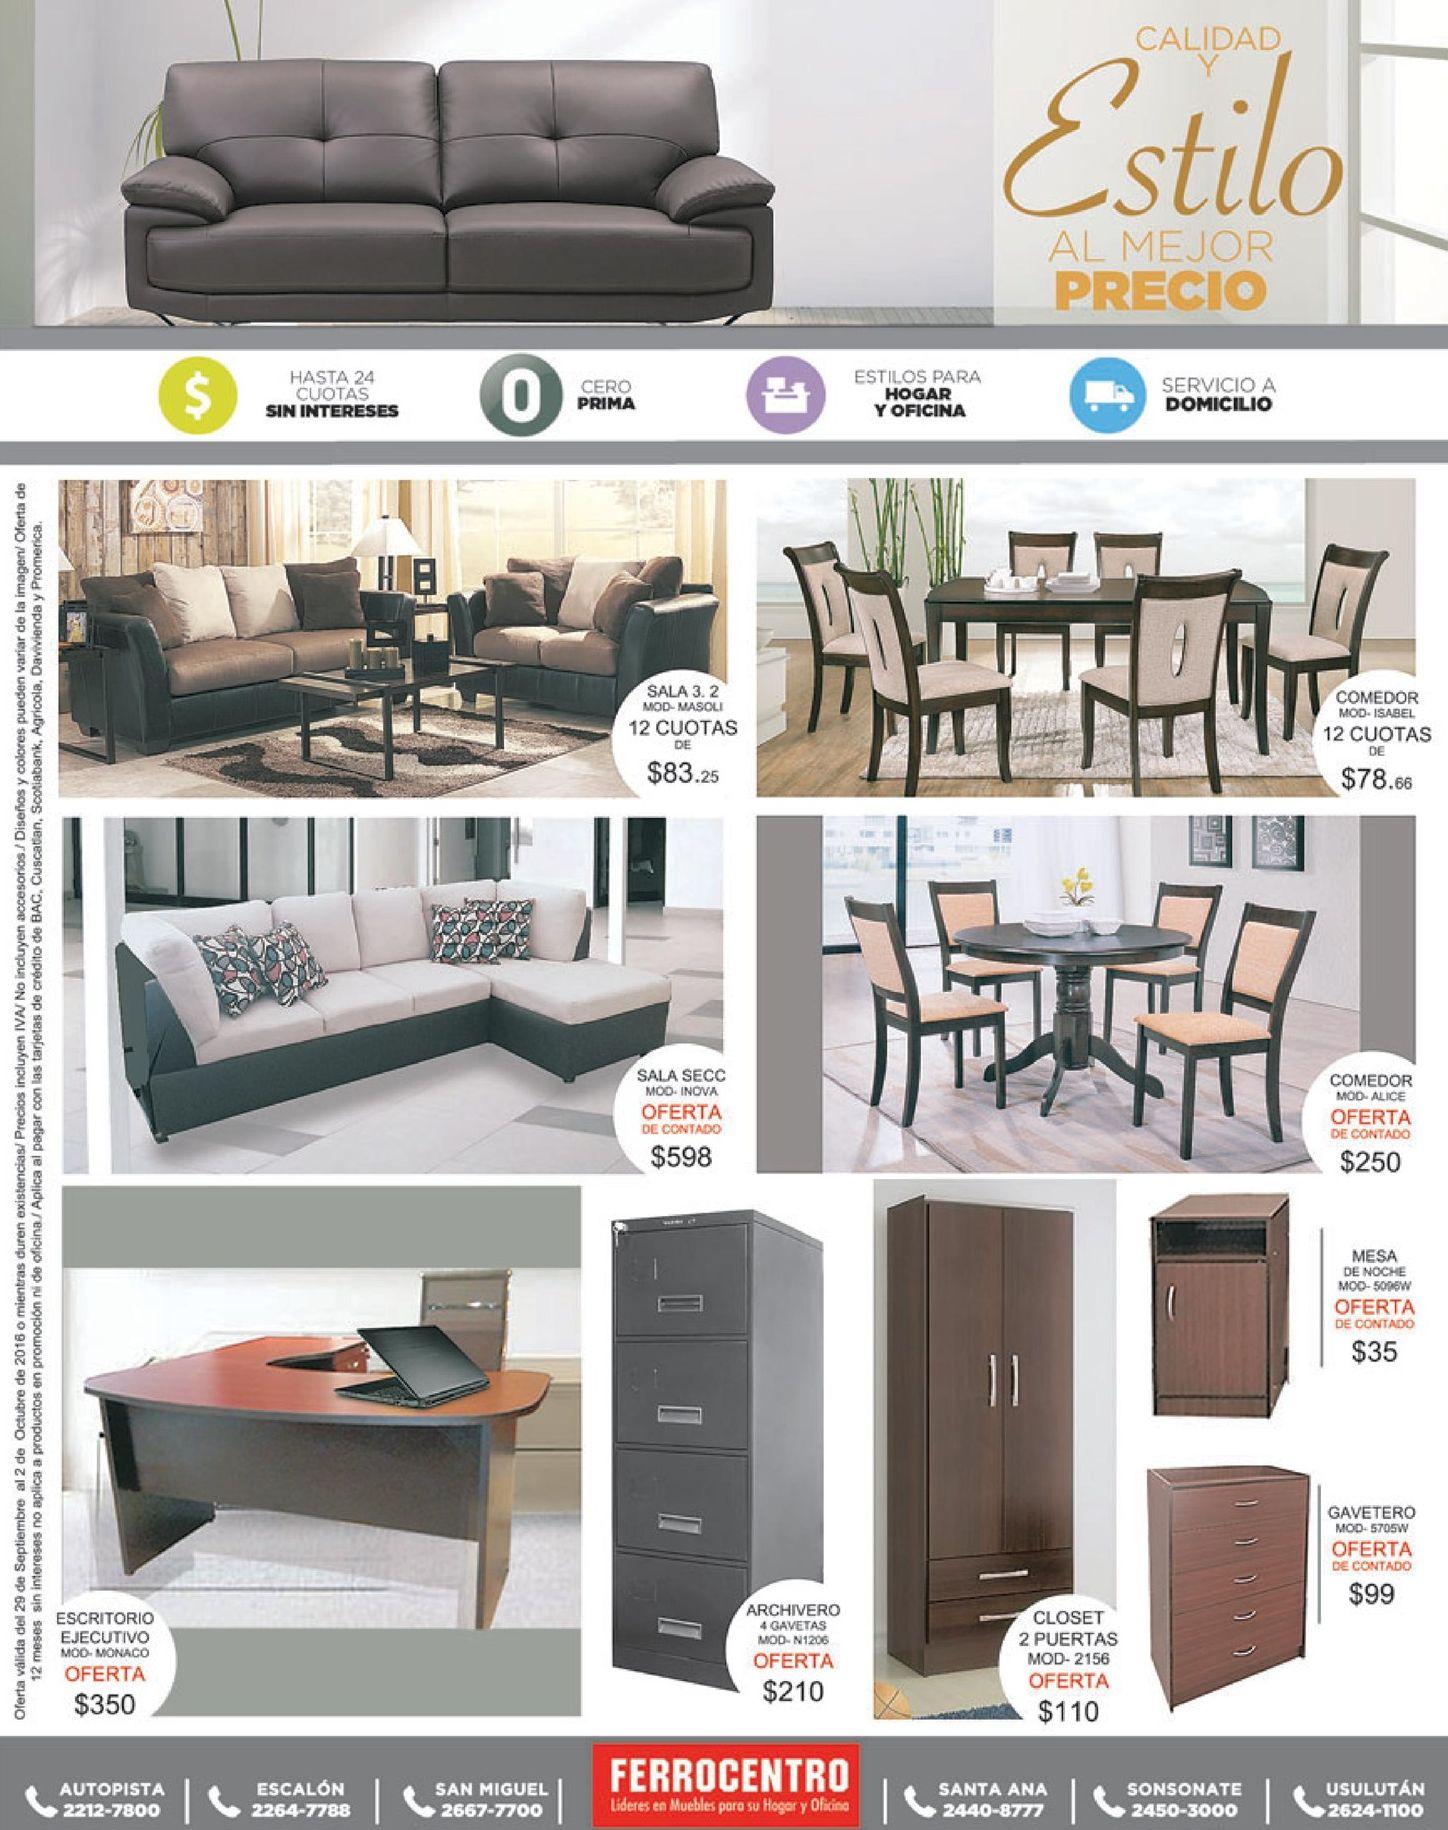 Calidad y estilo de muebles al mejor precios ferrocentro for Muebles precios